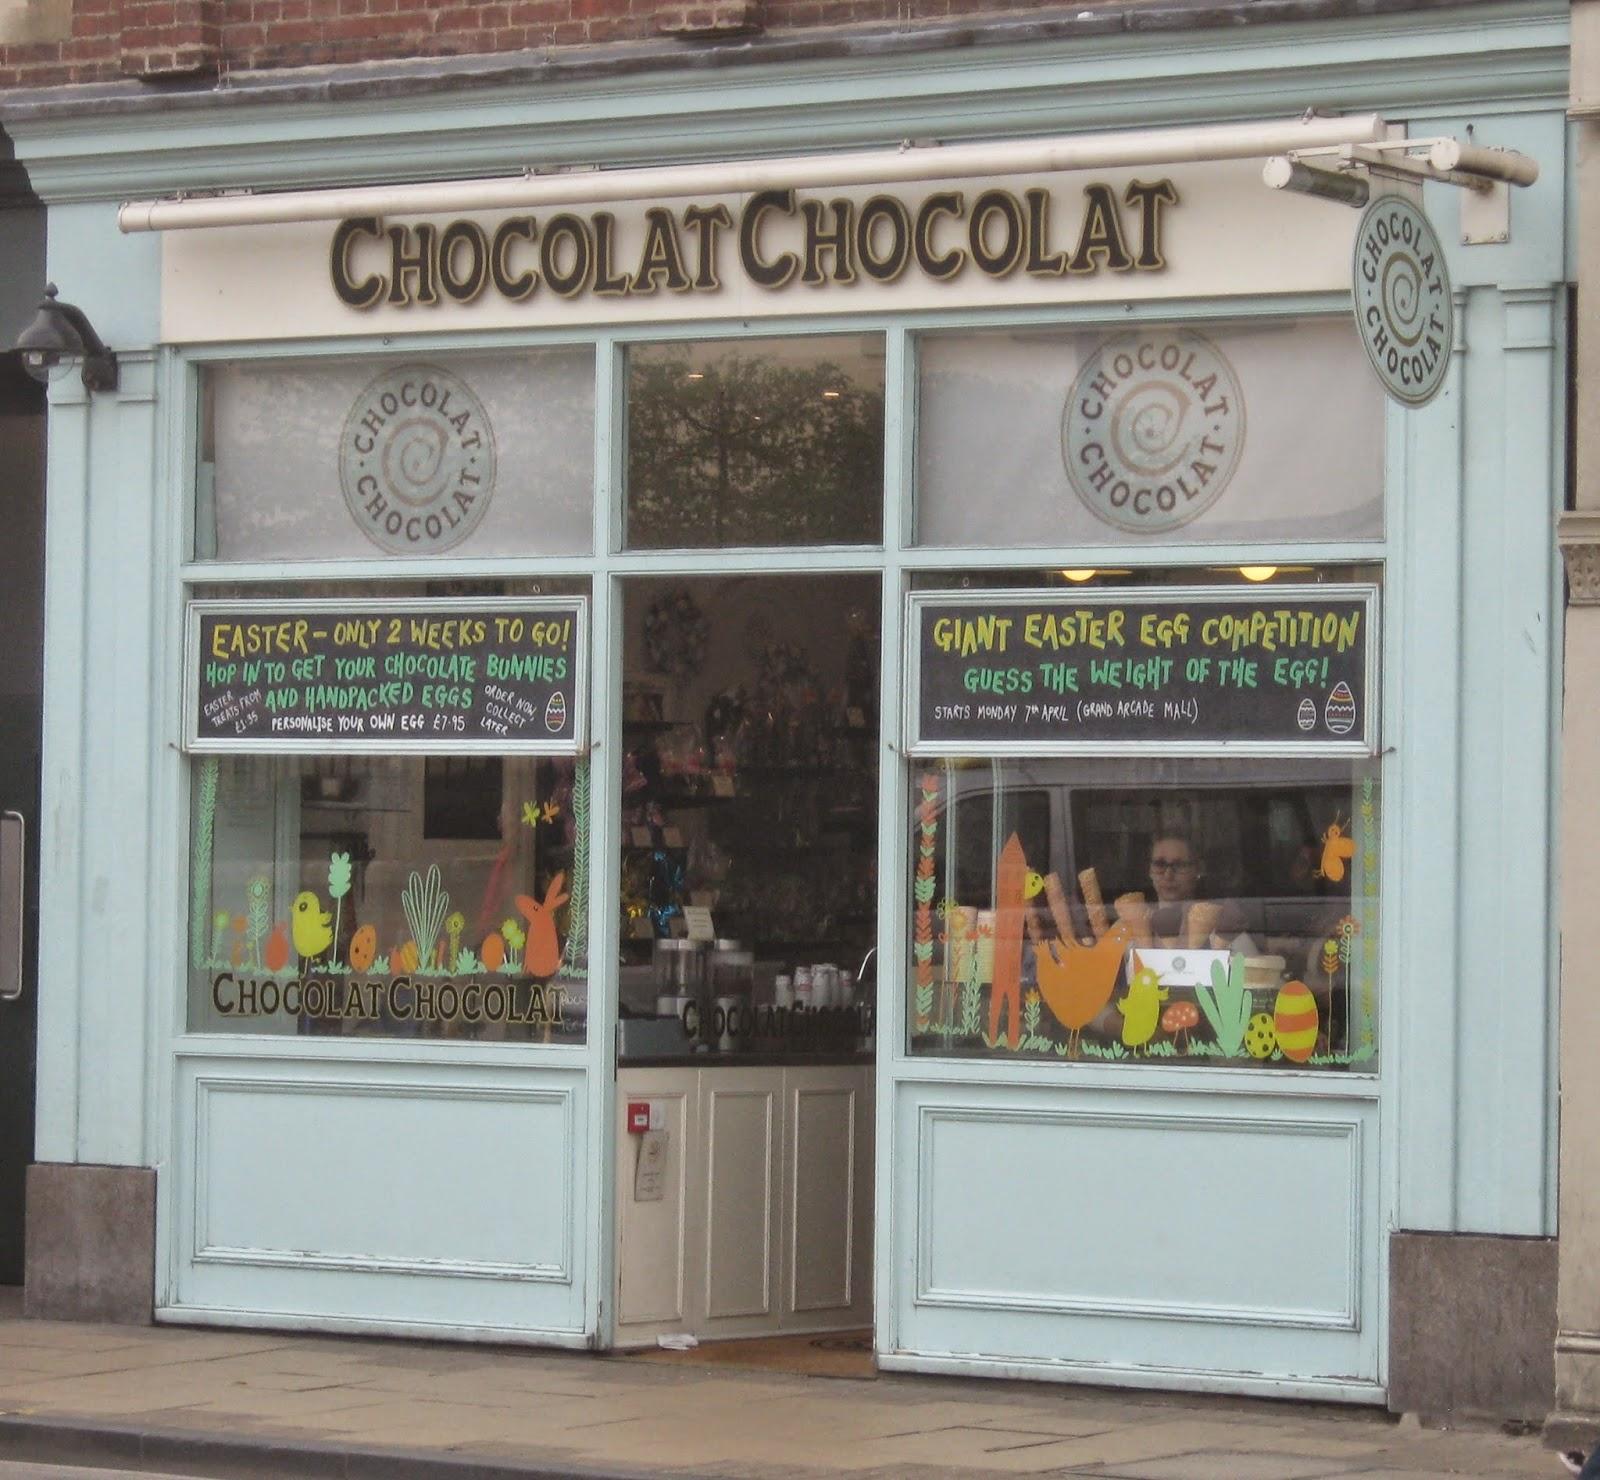 Chocolat Chocolat shop front